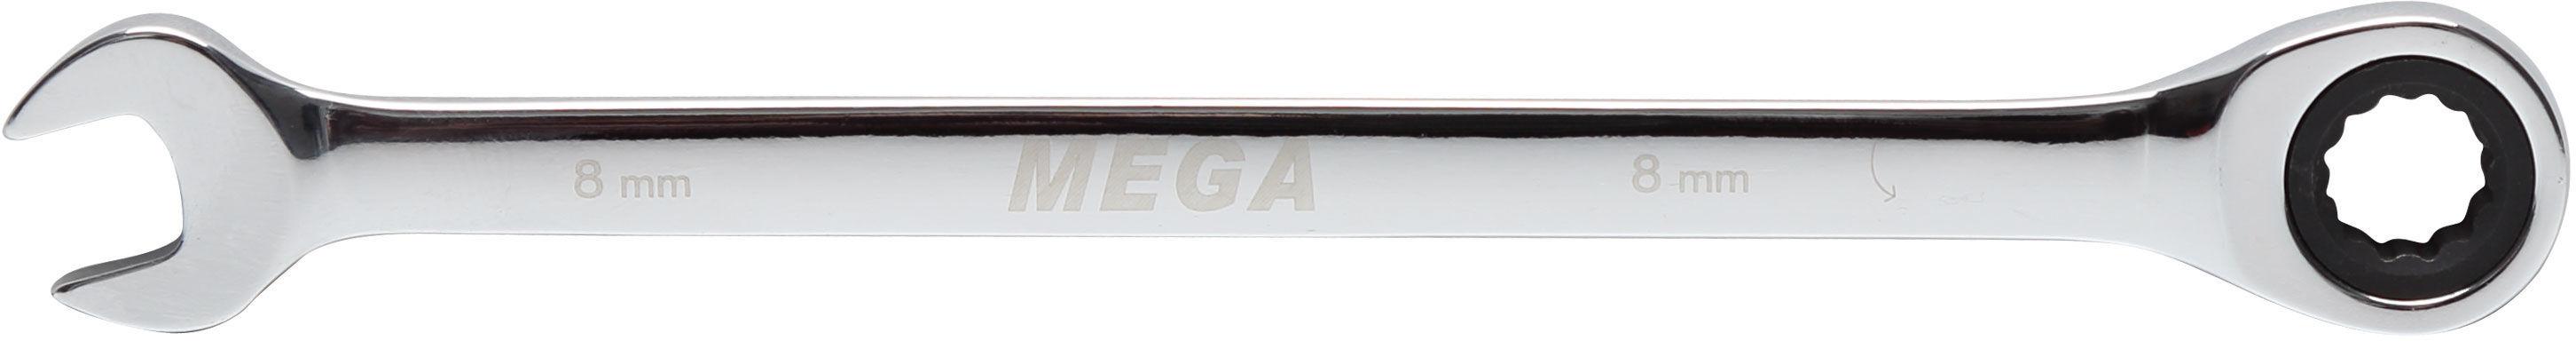 Klucz oczkowo-płaski z grzechotką, 11mm